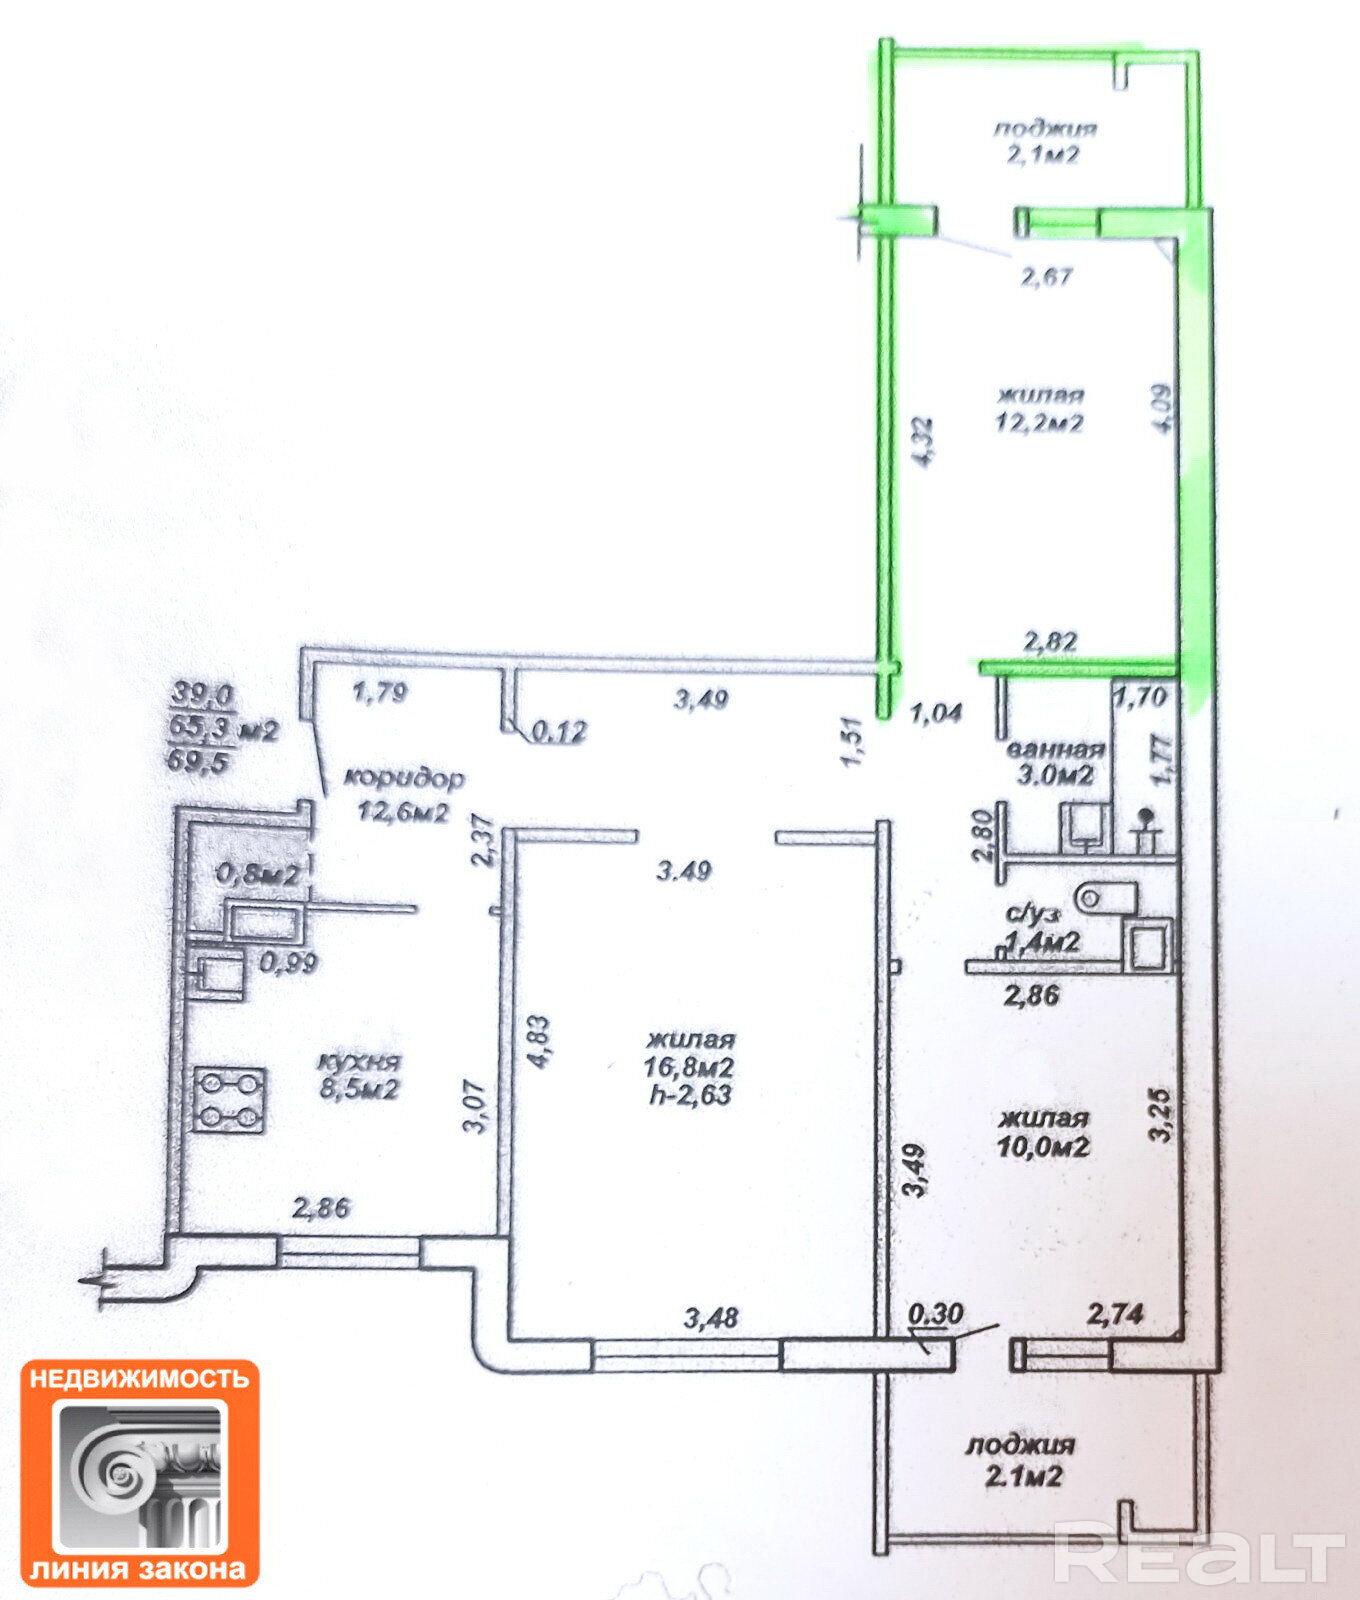 Продажа комнаты в 3-комнатной квартире в г. Гомеле, ул. Мазурова, дом 88 (р-н Залинейный). Цена 21 199 руб